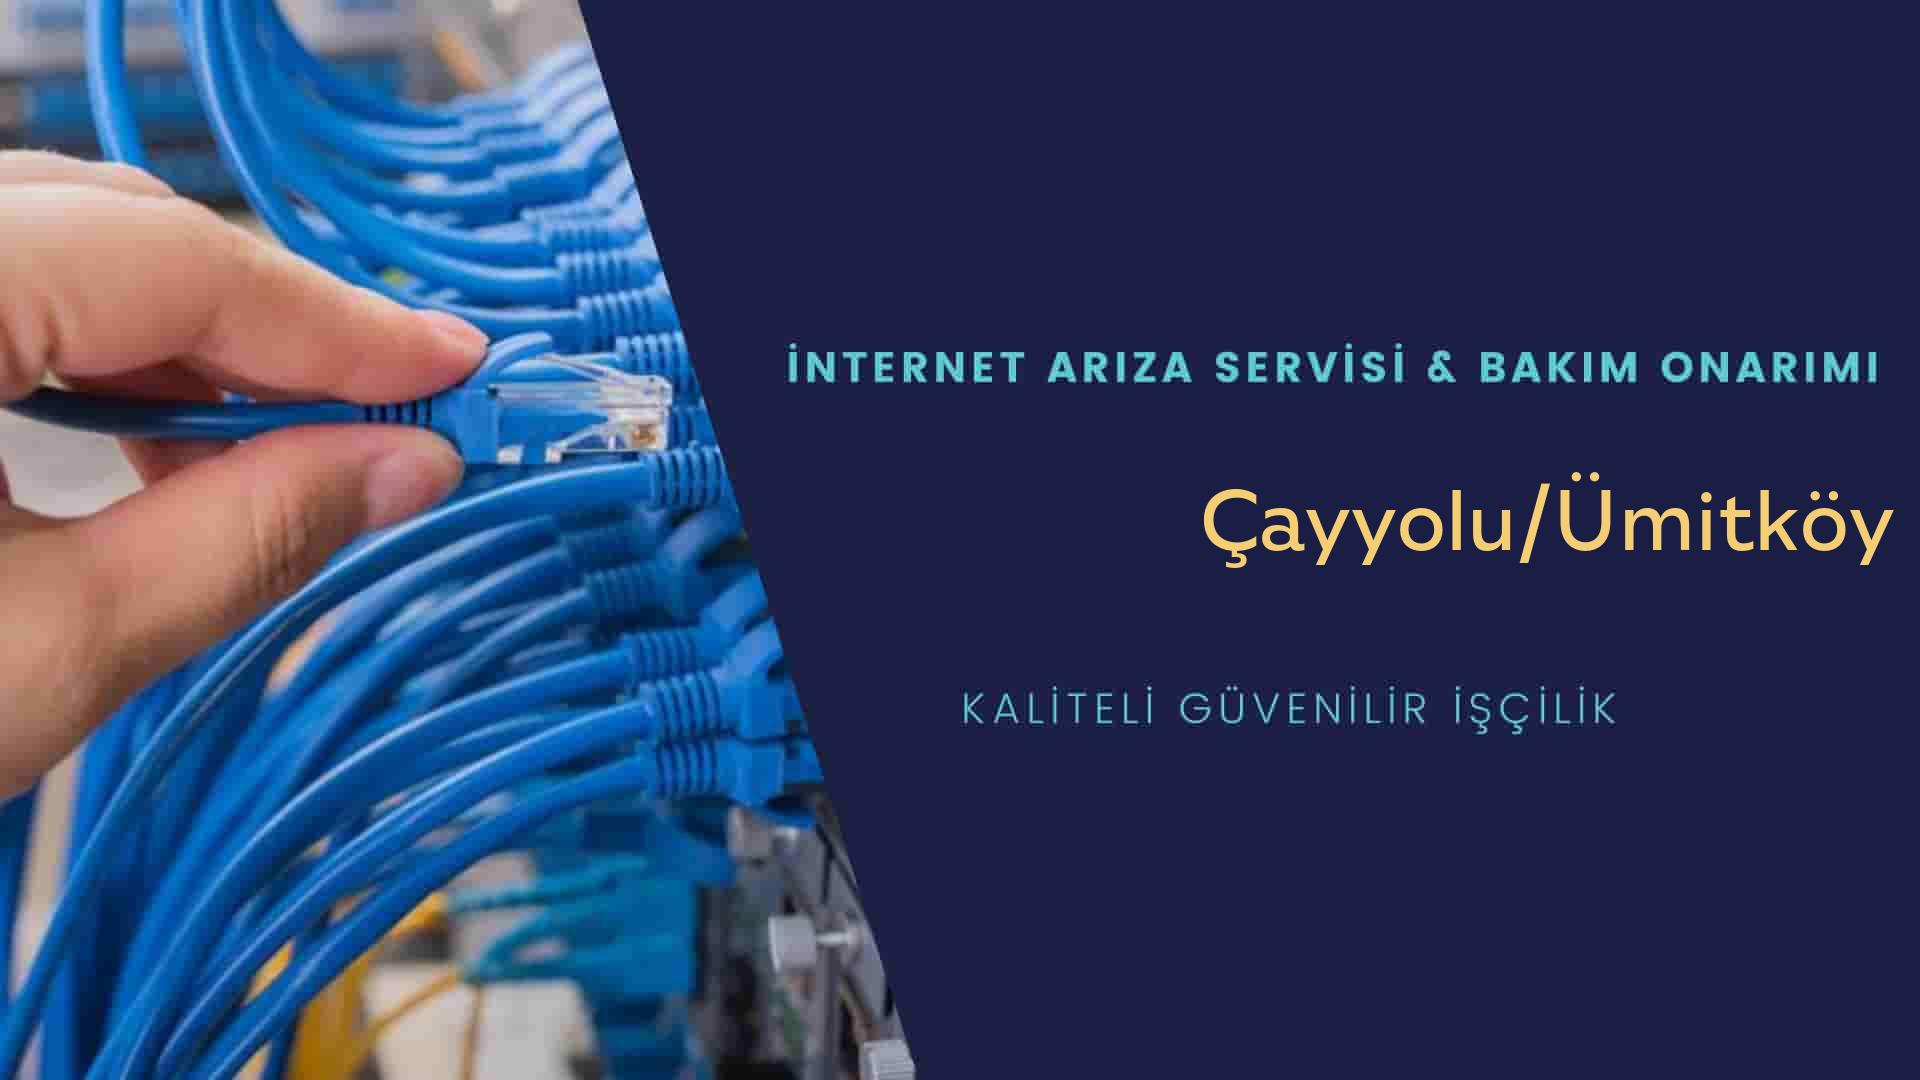 Çayyolu/Ümitköy internet kablosu çekimi yapan yerler veya elektrikçiler mi? arıyorsunuz doğru yerdesiniz o zaman sizlere 7/24 yardımcı olacak profesyonel ustalarımız bir telefon kadar yakındır size.